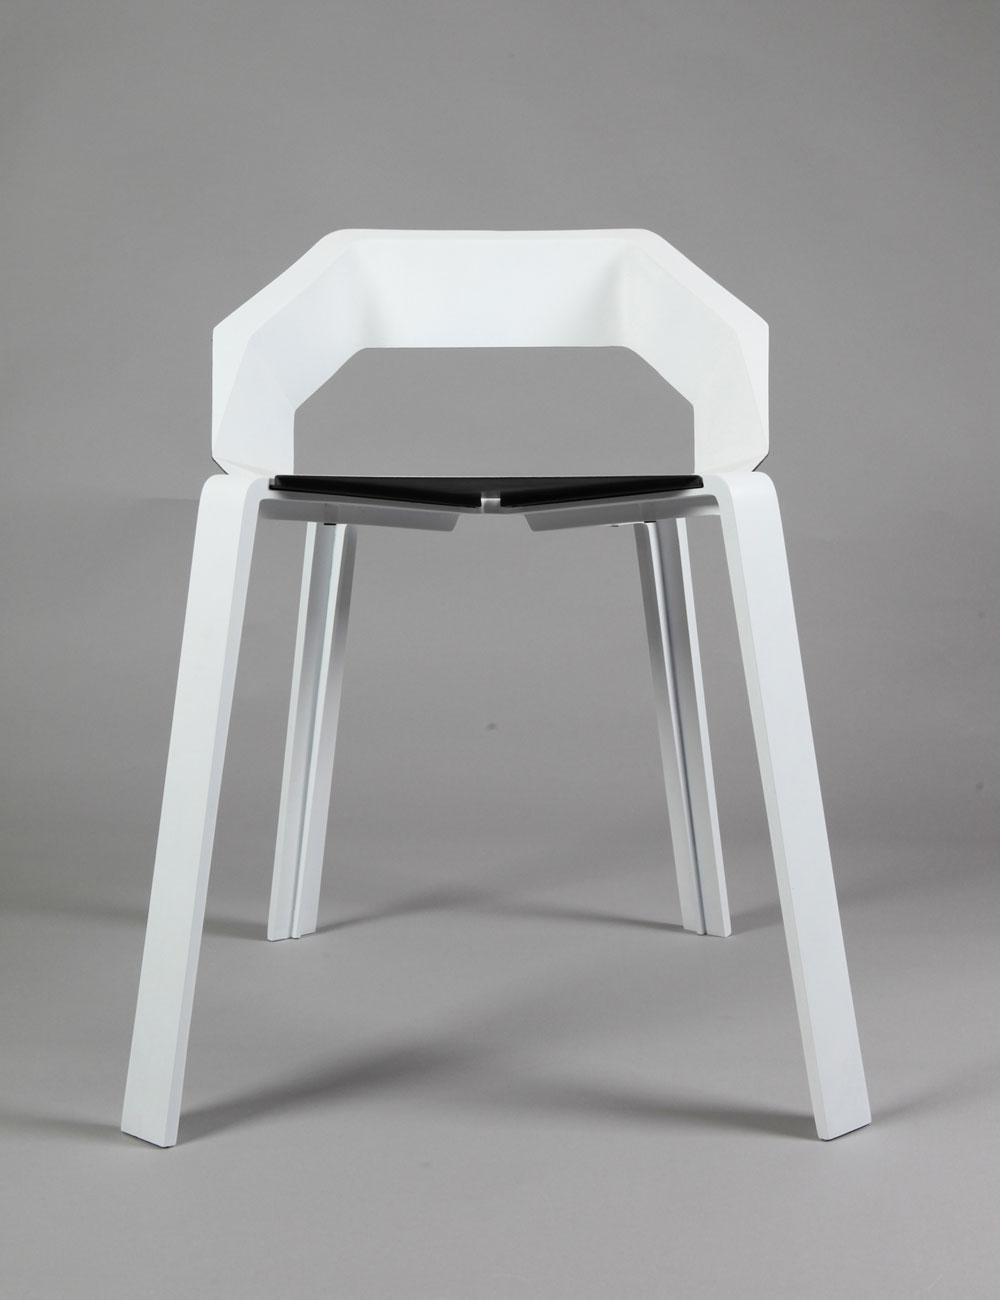 מי צריך עוד כיסא? אז זהו, שאייל כרמי שיכנע אותנו שצריך. פרויקט מנומק של כיסא מתכת המשלב חוזק ואסתטיות (צילום: תמי דהן)